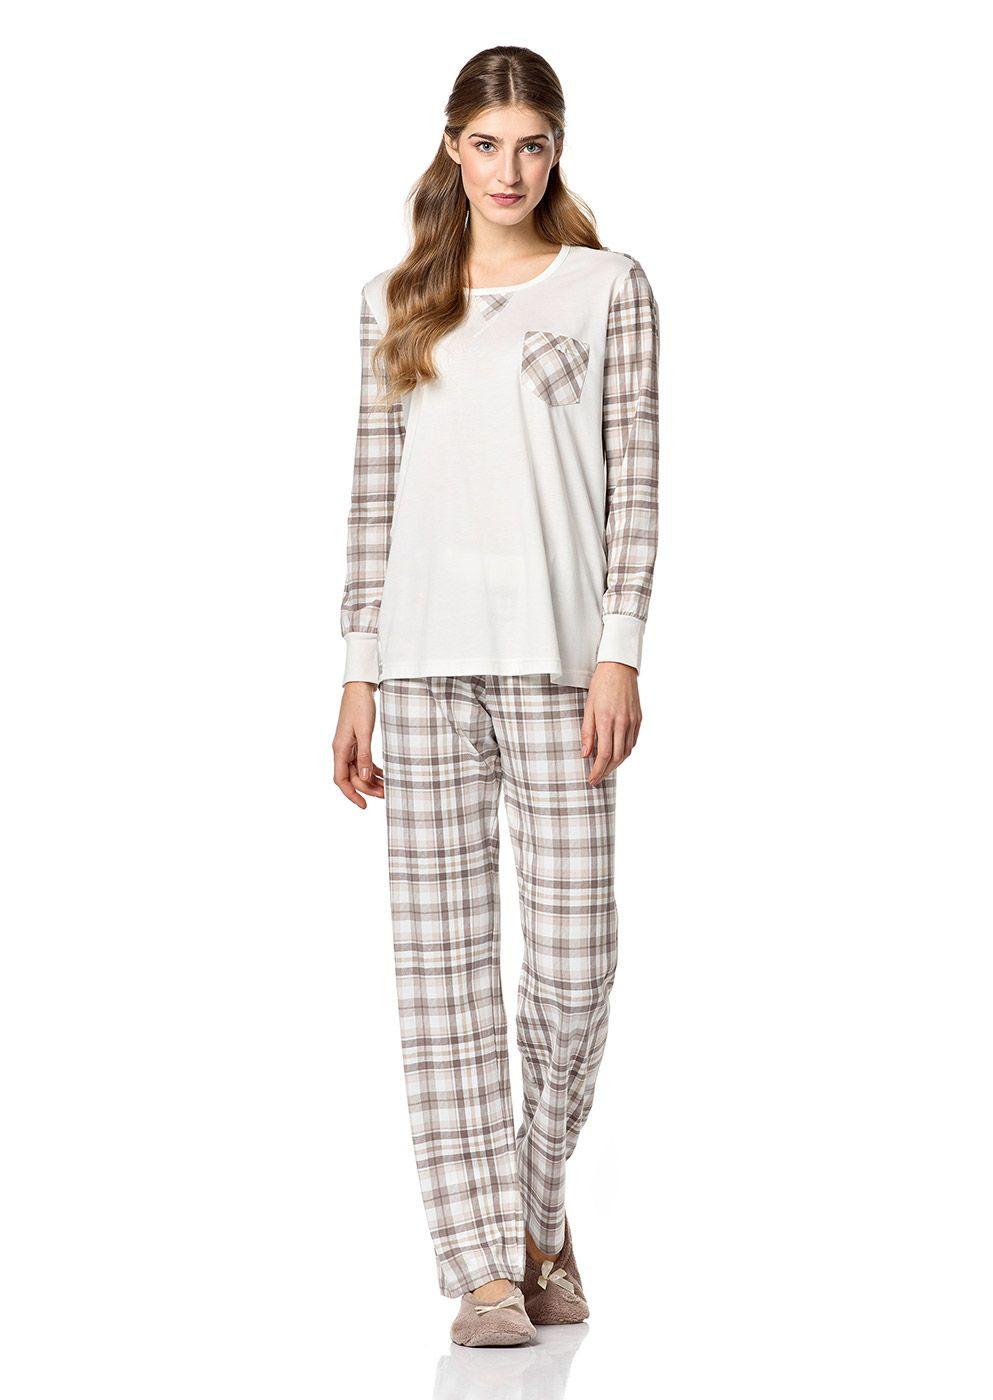 Dámské pyžamo 4711 Vamp Barva: krémová, Velikost: M